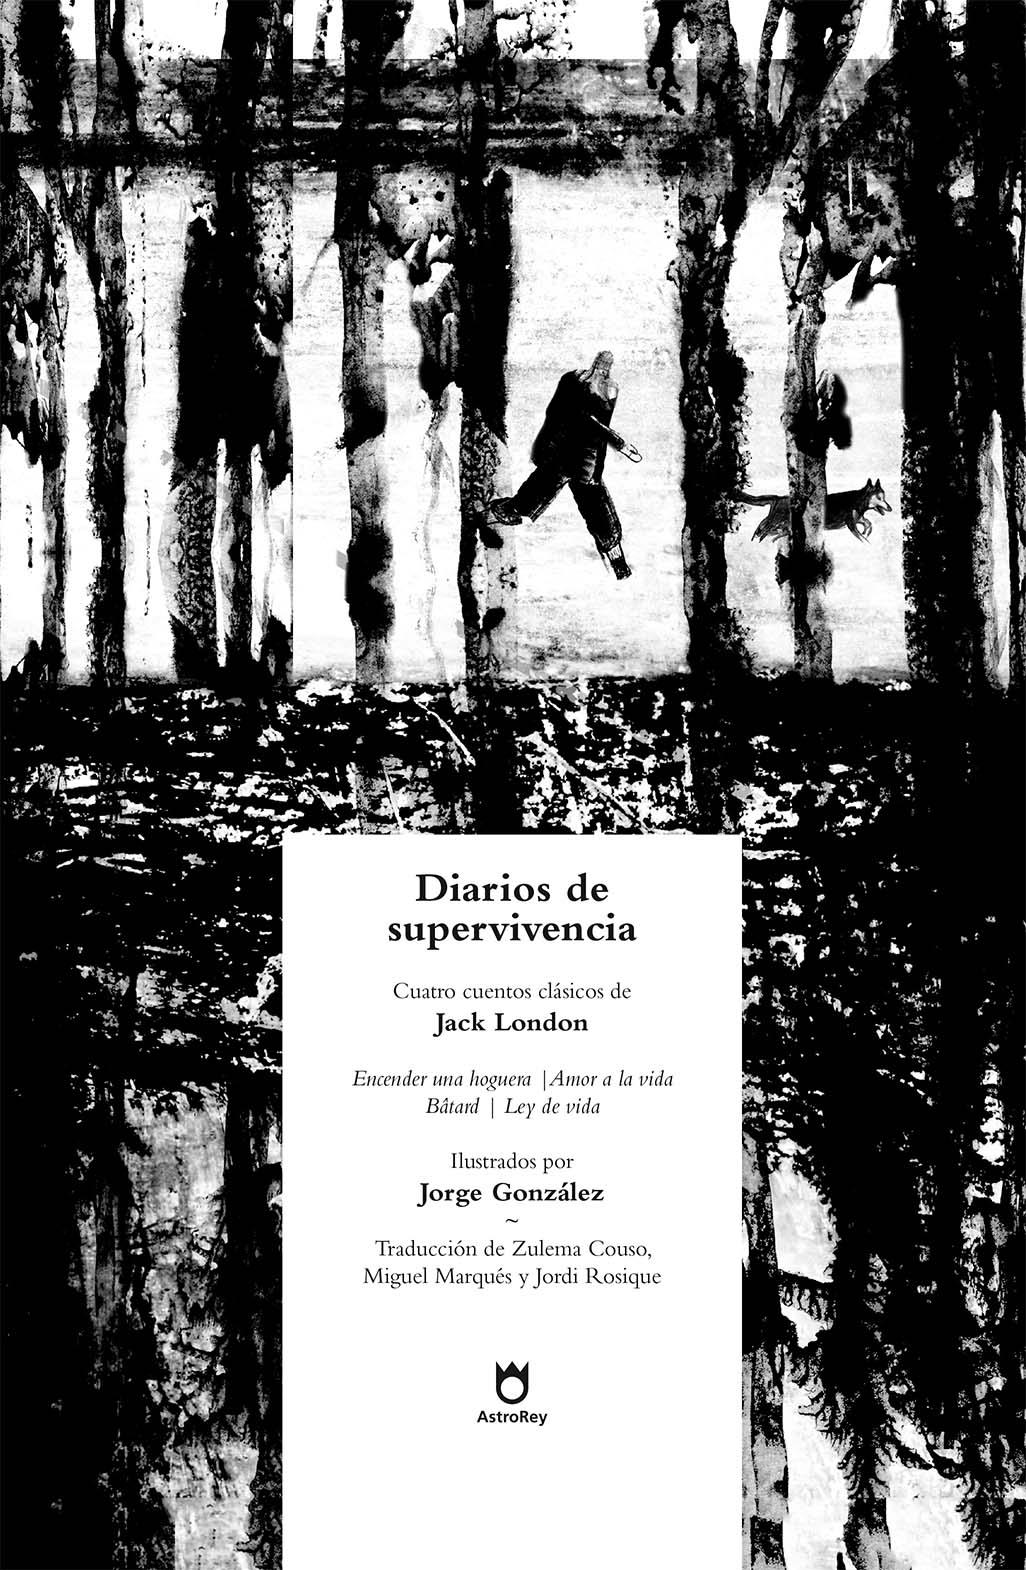 cover_diarios_de_supervivencia